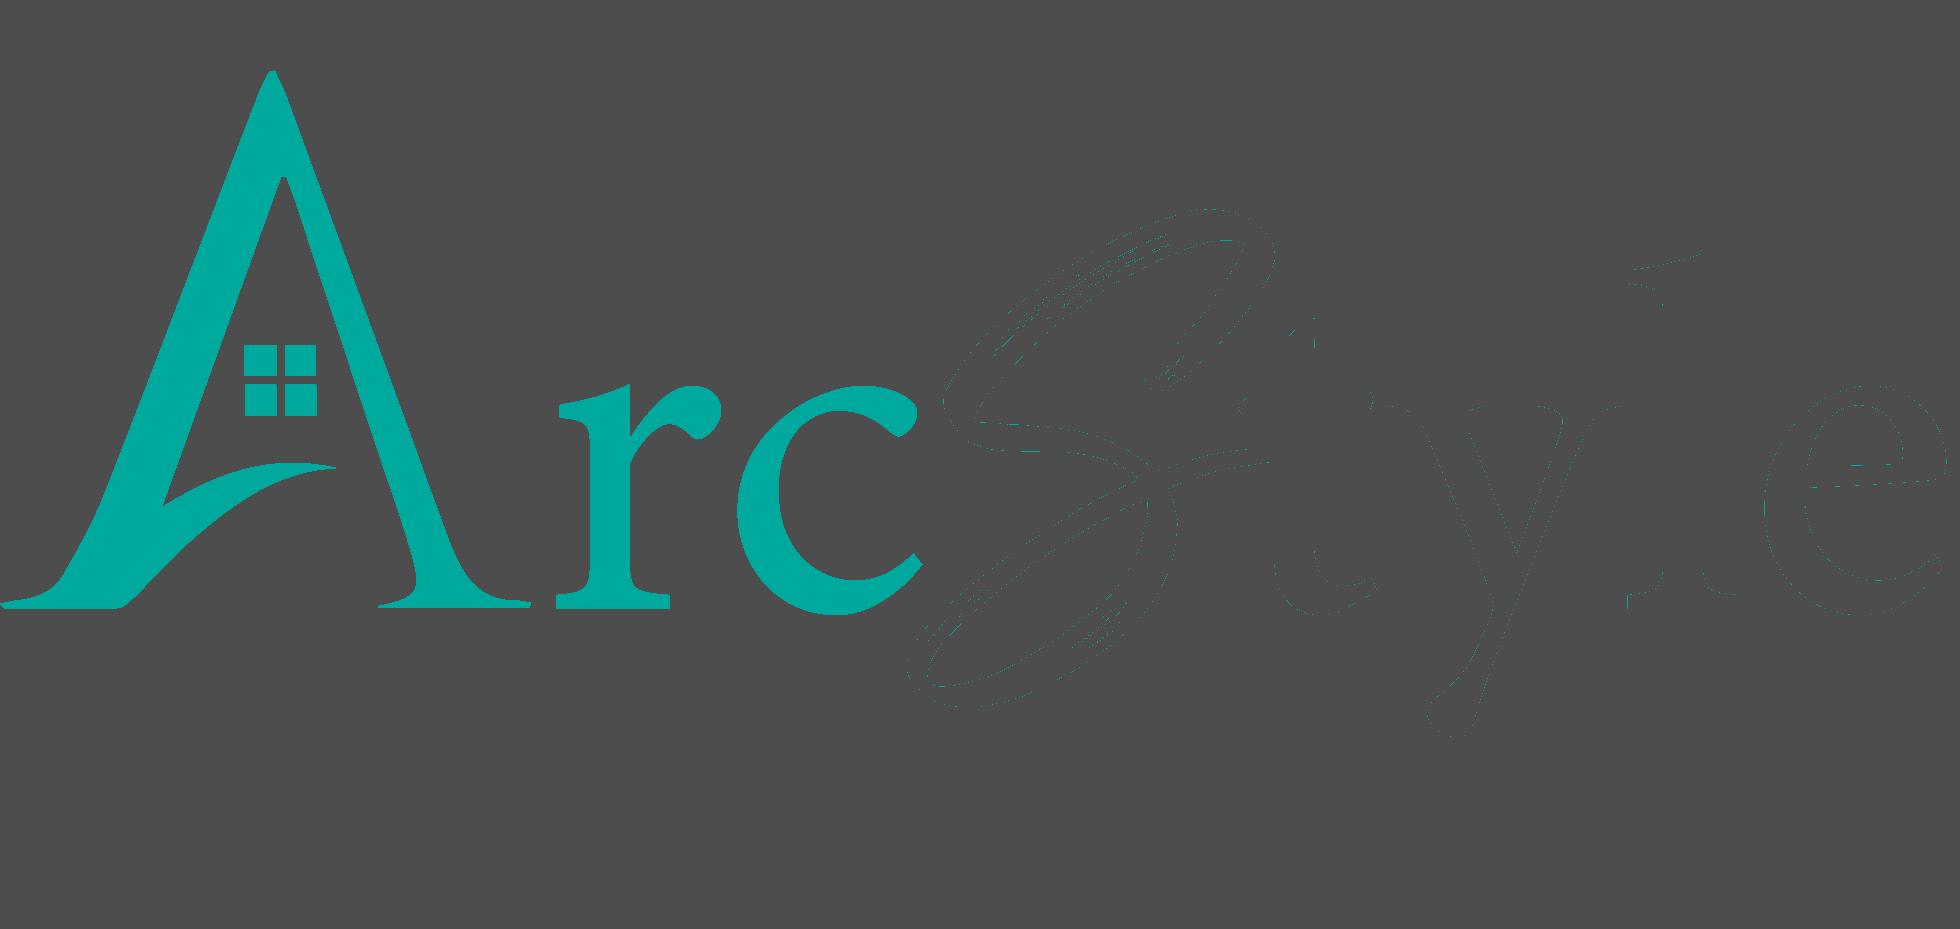 arc-style.com